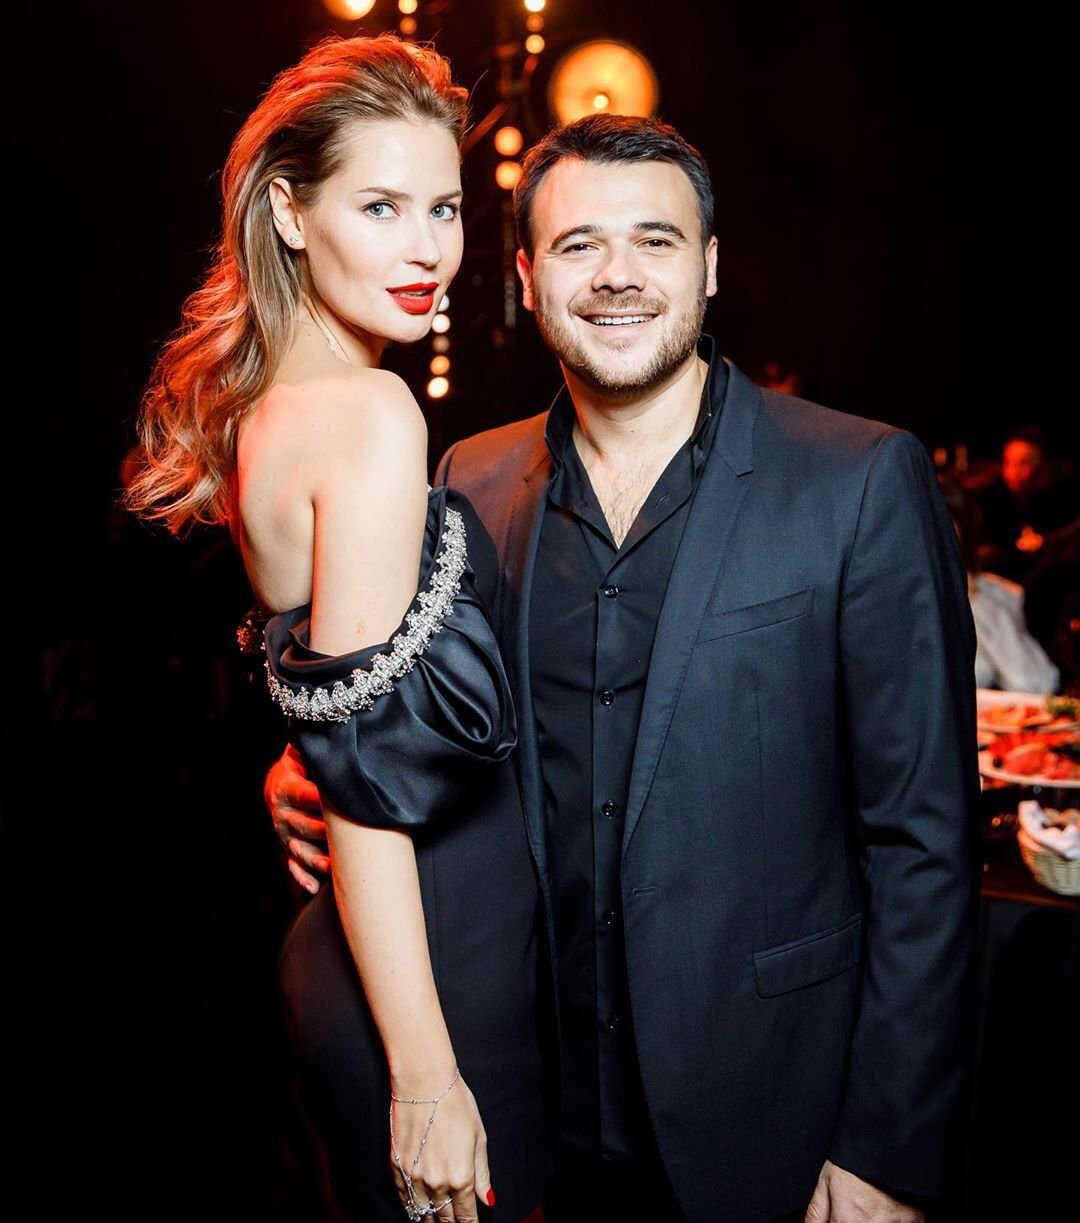 Бывшая супруга Эмина Агаларова ответила на слухи о том, что из-за неё миллиардер и экс-зять Владимира Путина Кирилл Шамалов разводится с беременной женой